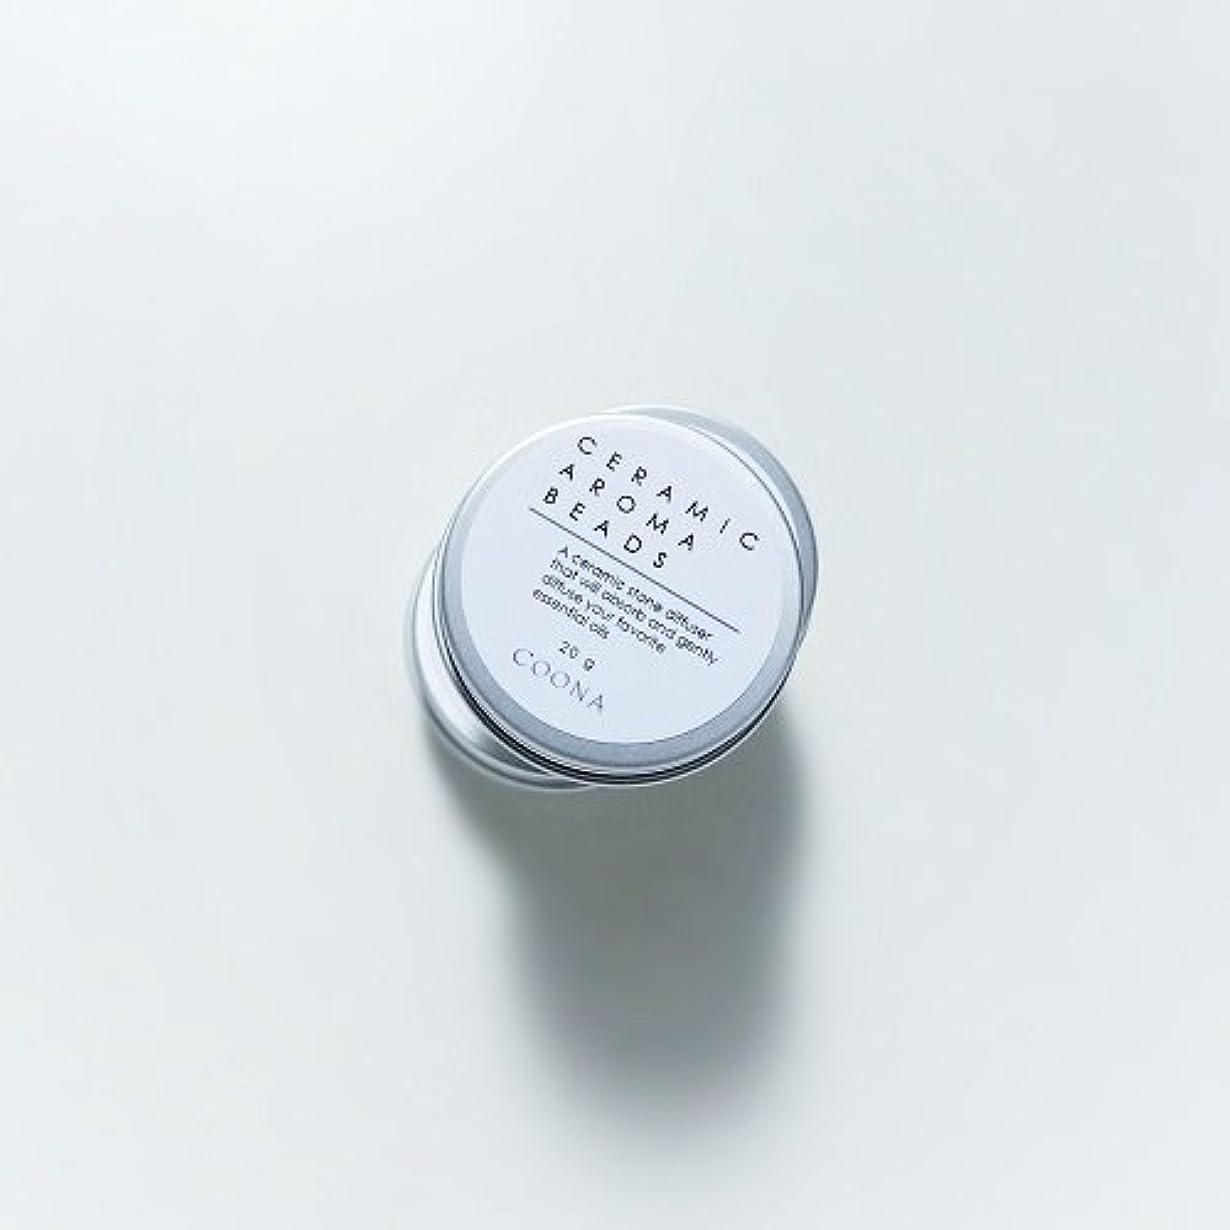 遠いラブミンチセラミックアロマビーズ(缶入り アロマストーン エコディフューザー)20g×1個